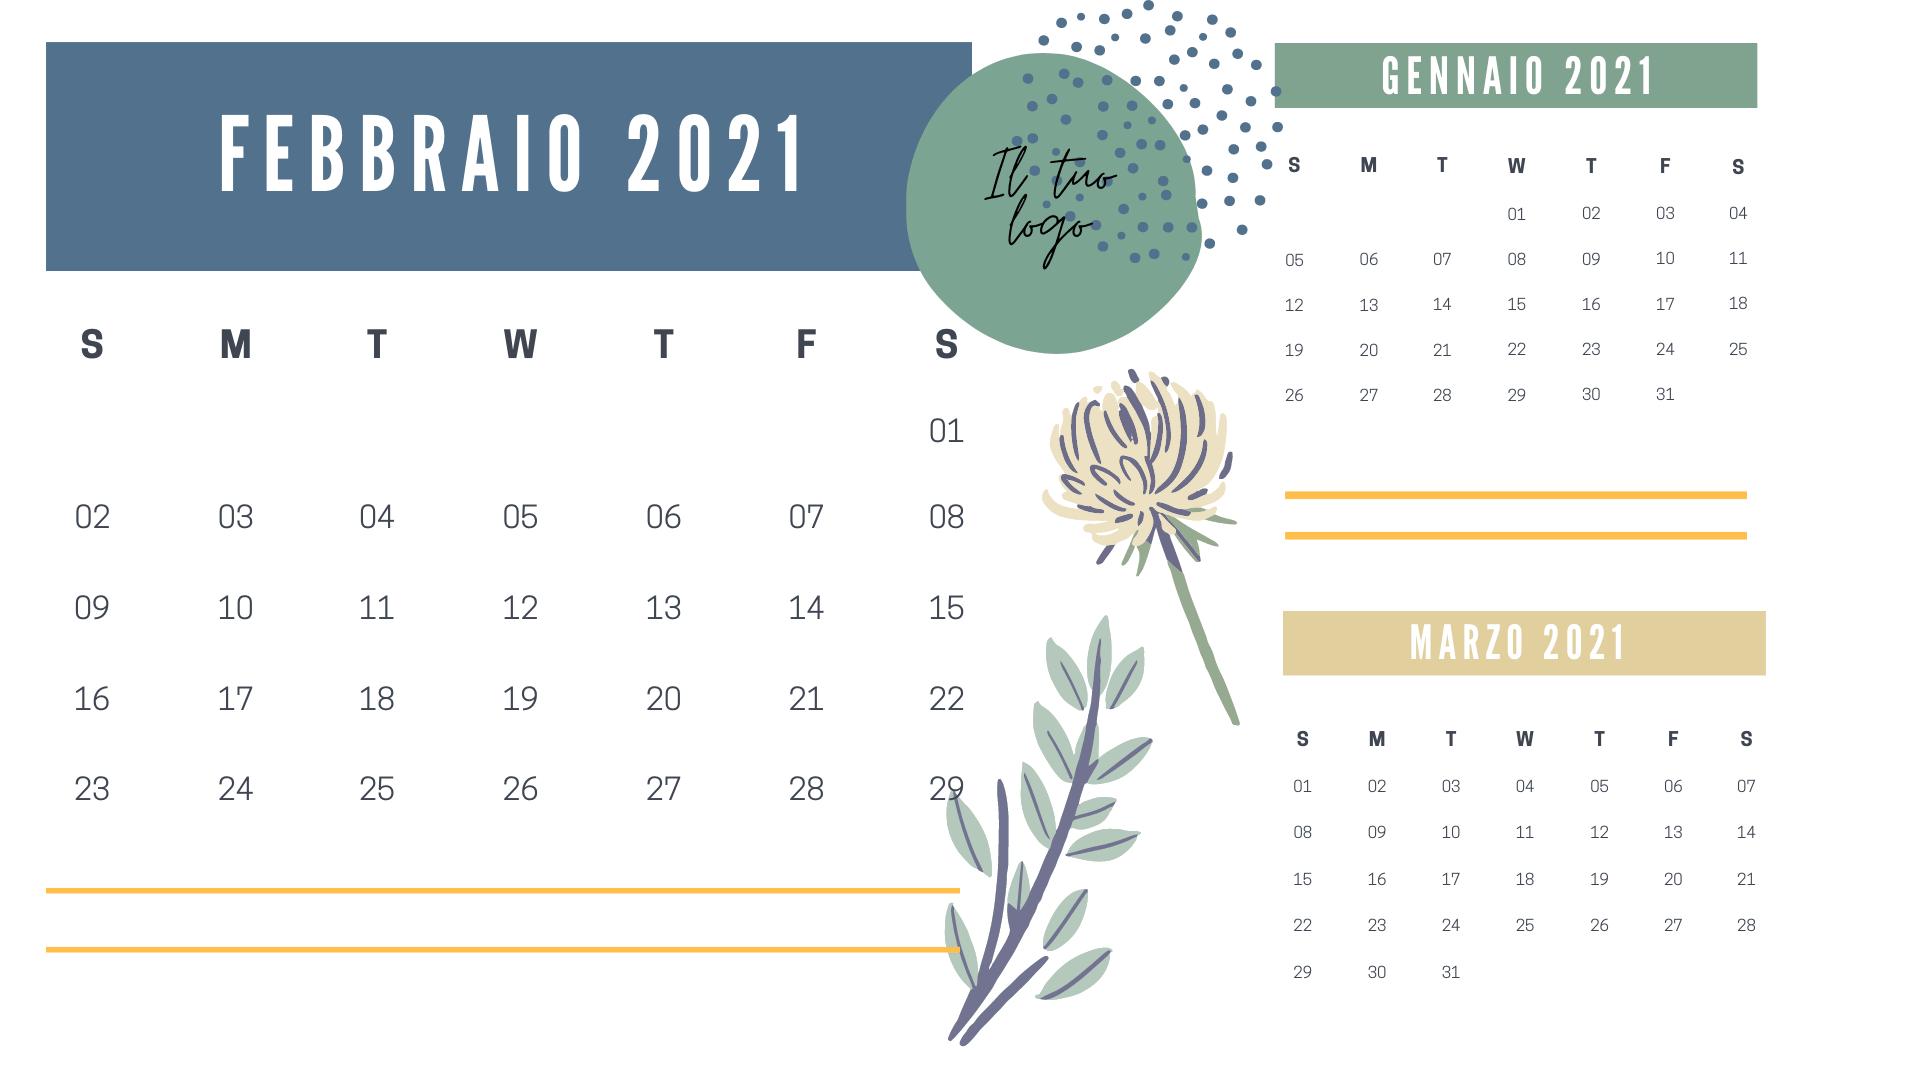 template calendario personalizzato con mese precedente e mese successivo